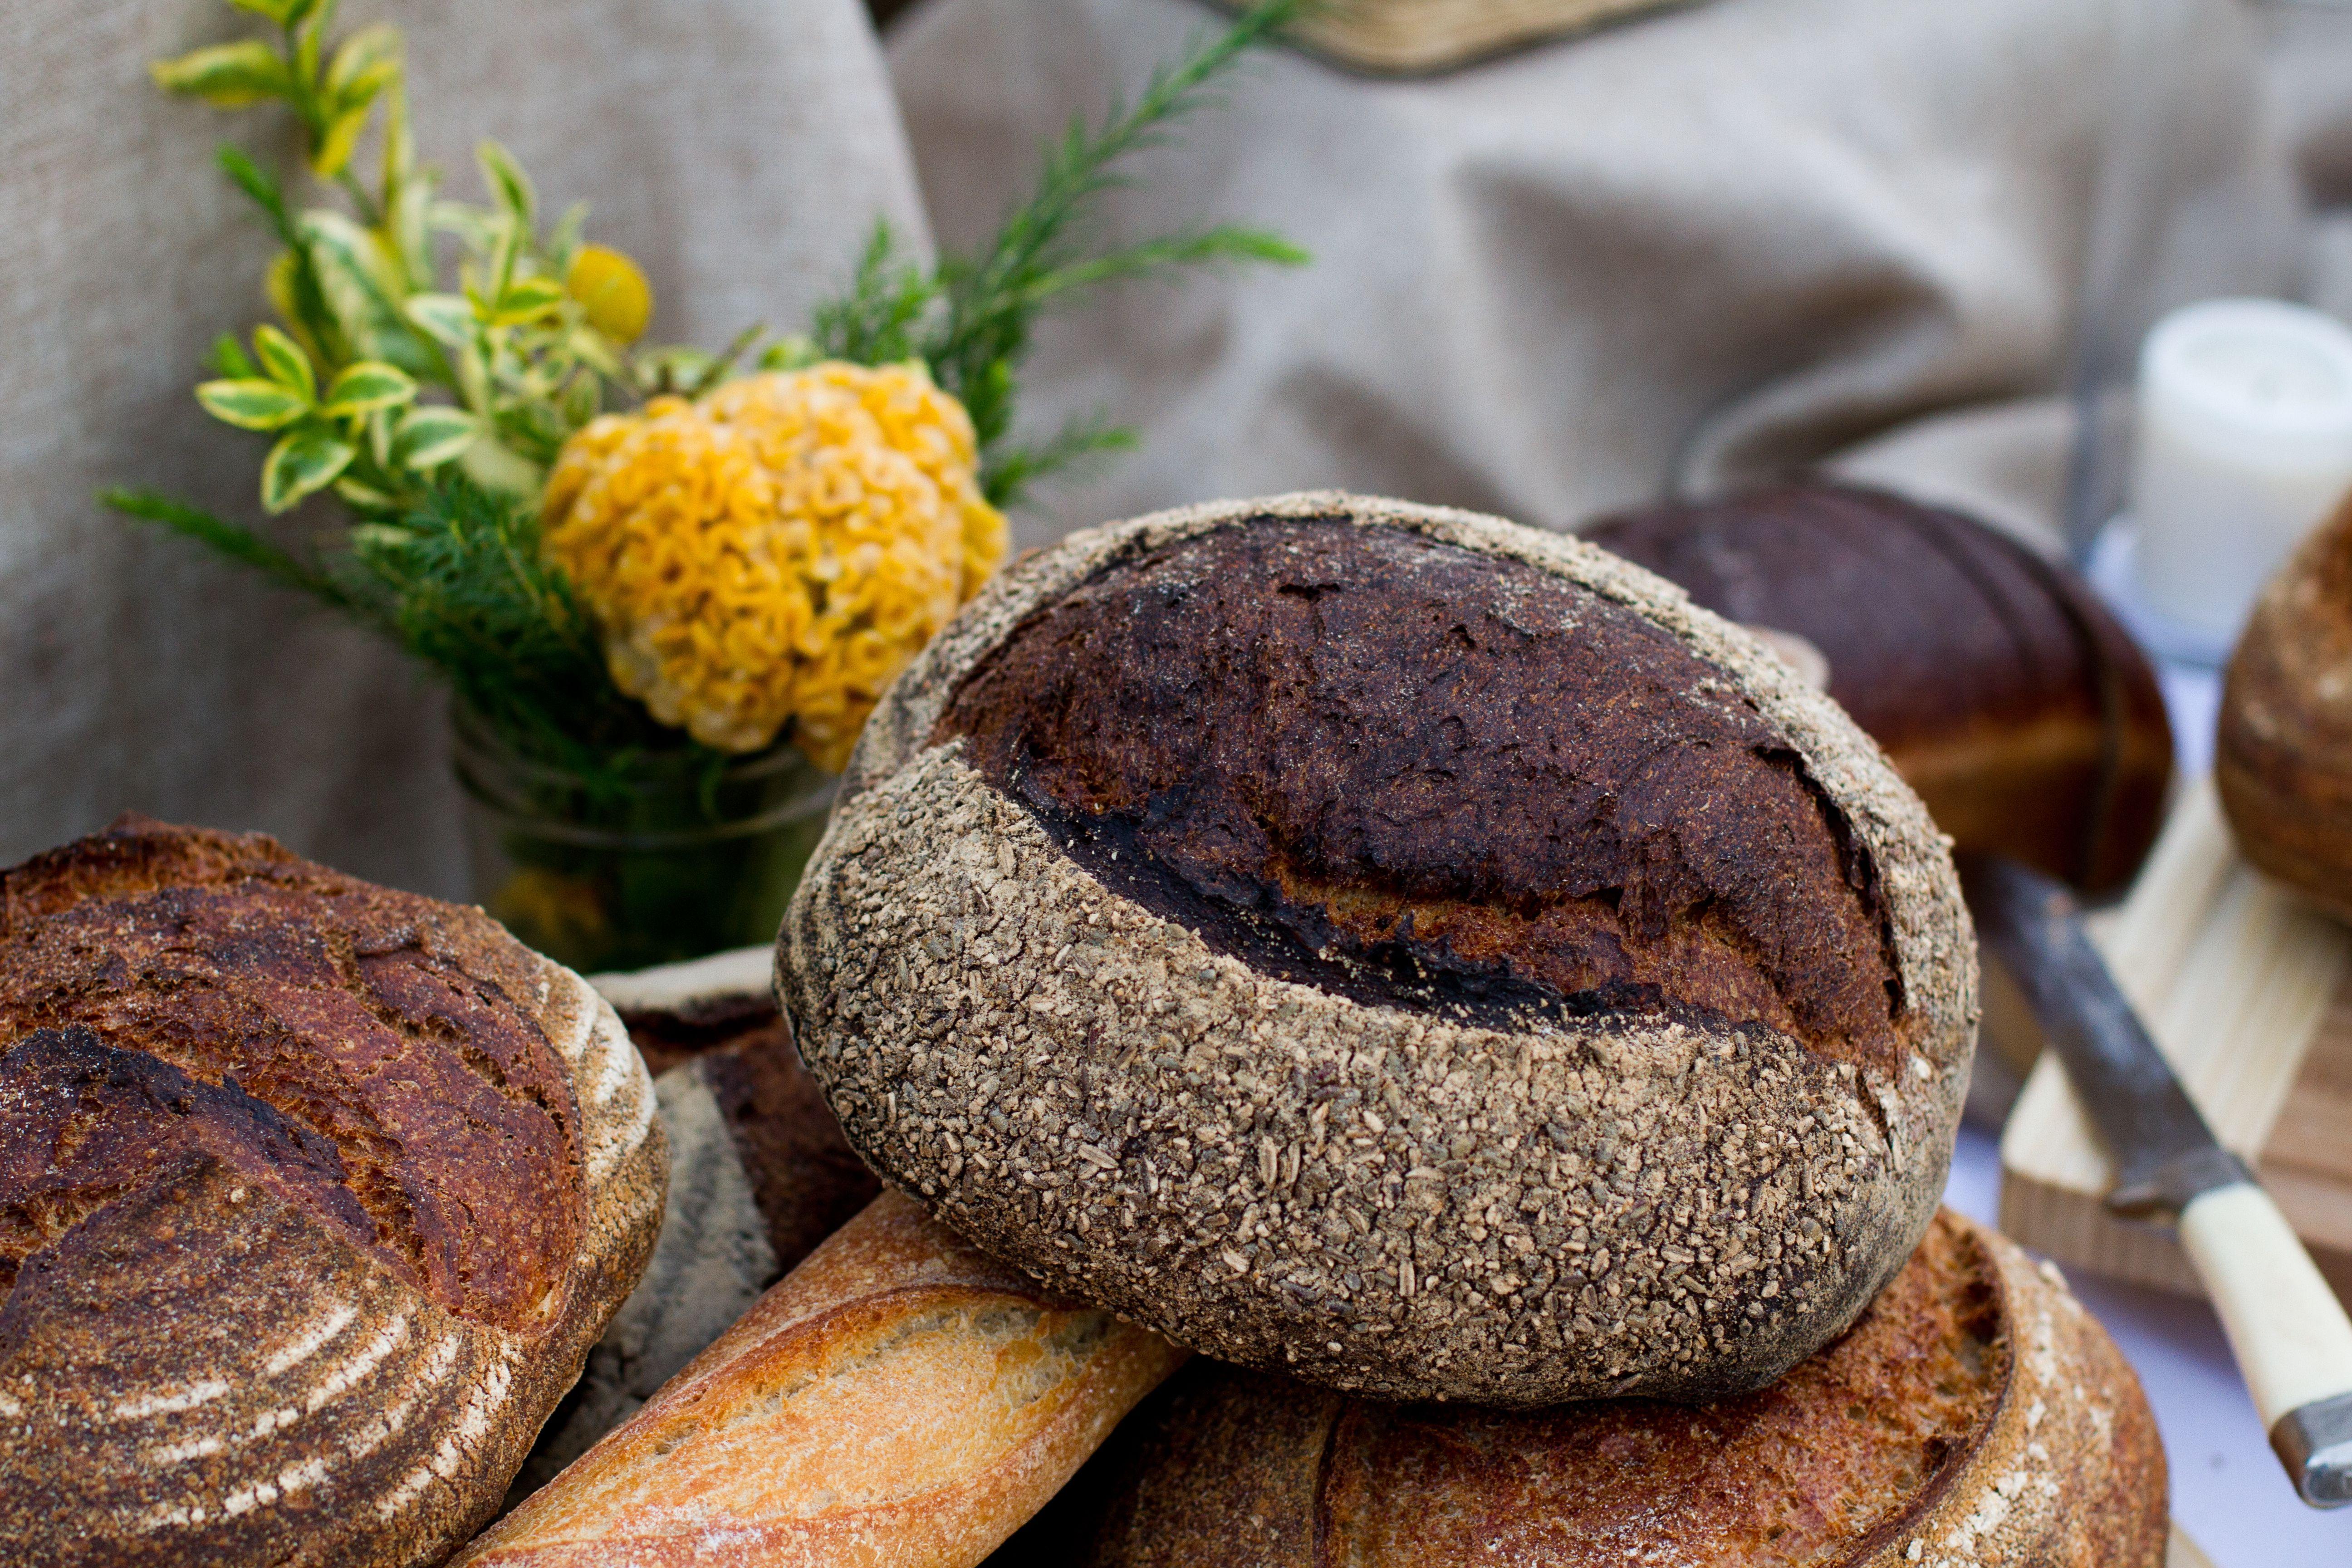 Hranilne vrednosti: viri in literatura